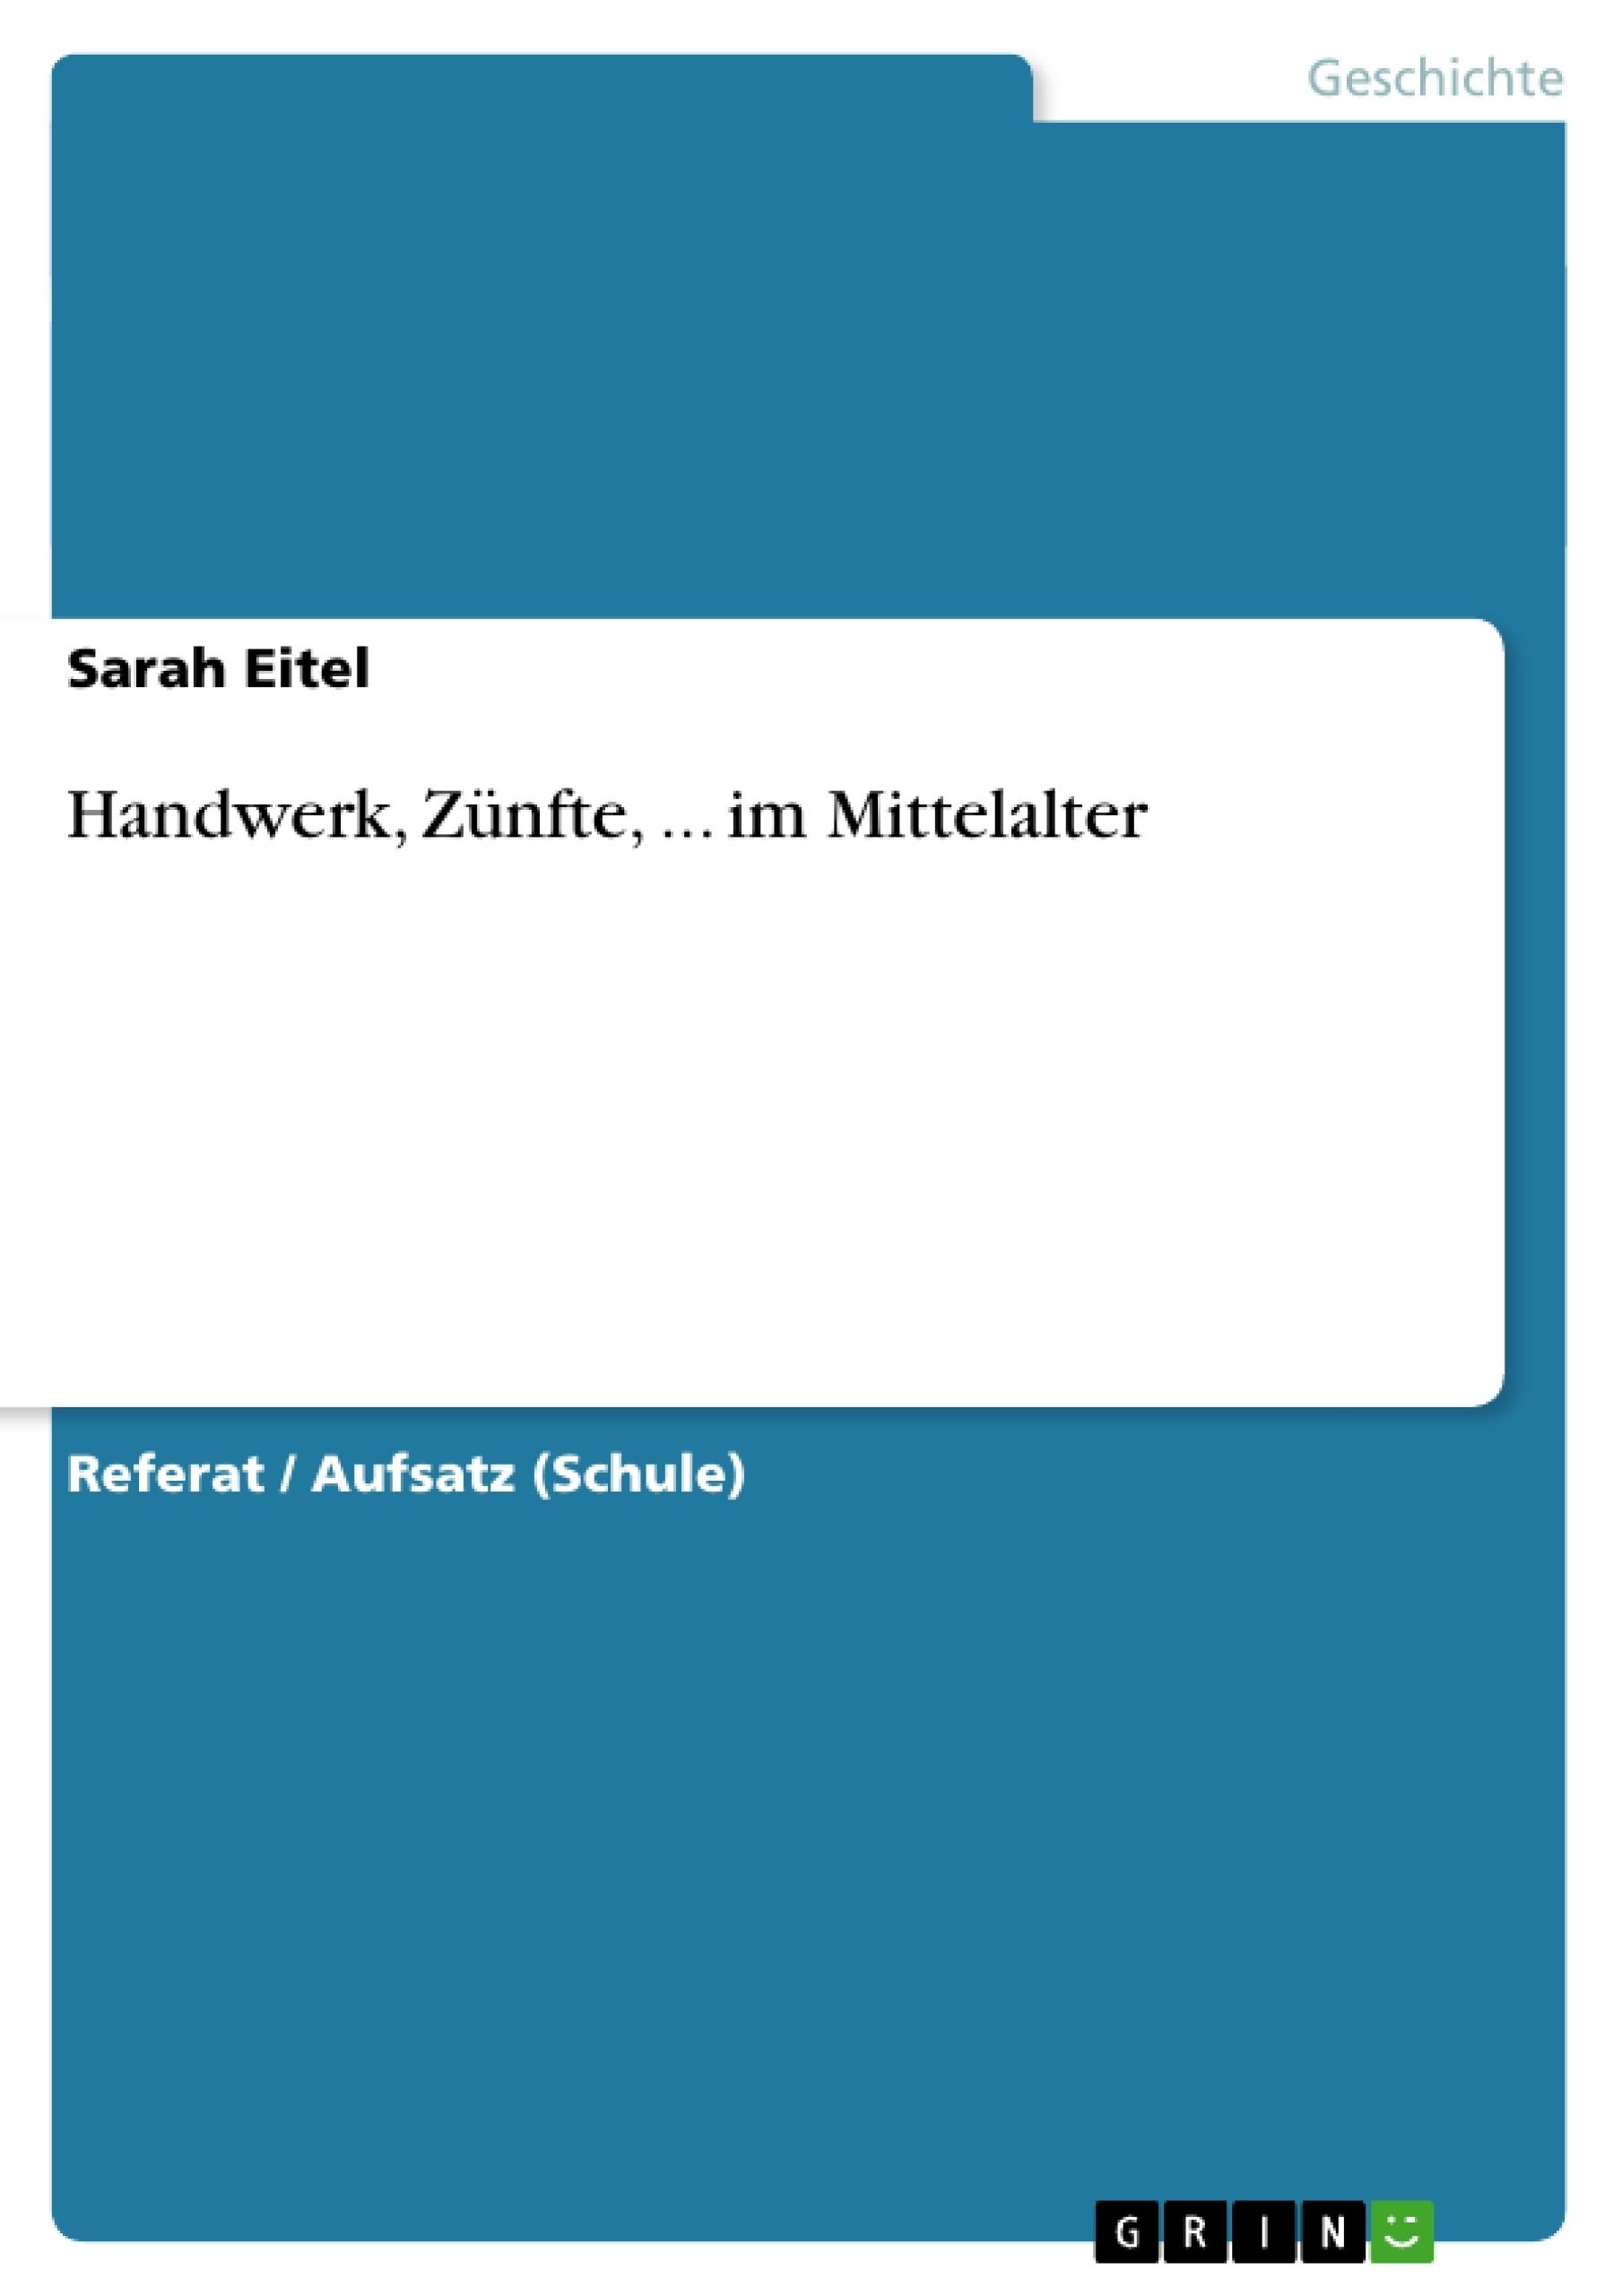 Titel: Handwerk, Zünfte, ... im Mittelalter